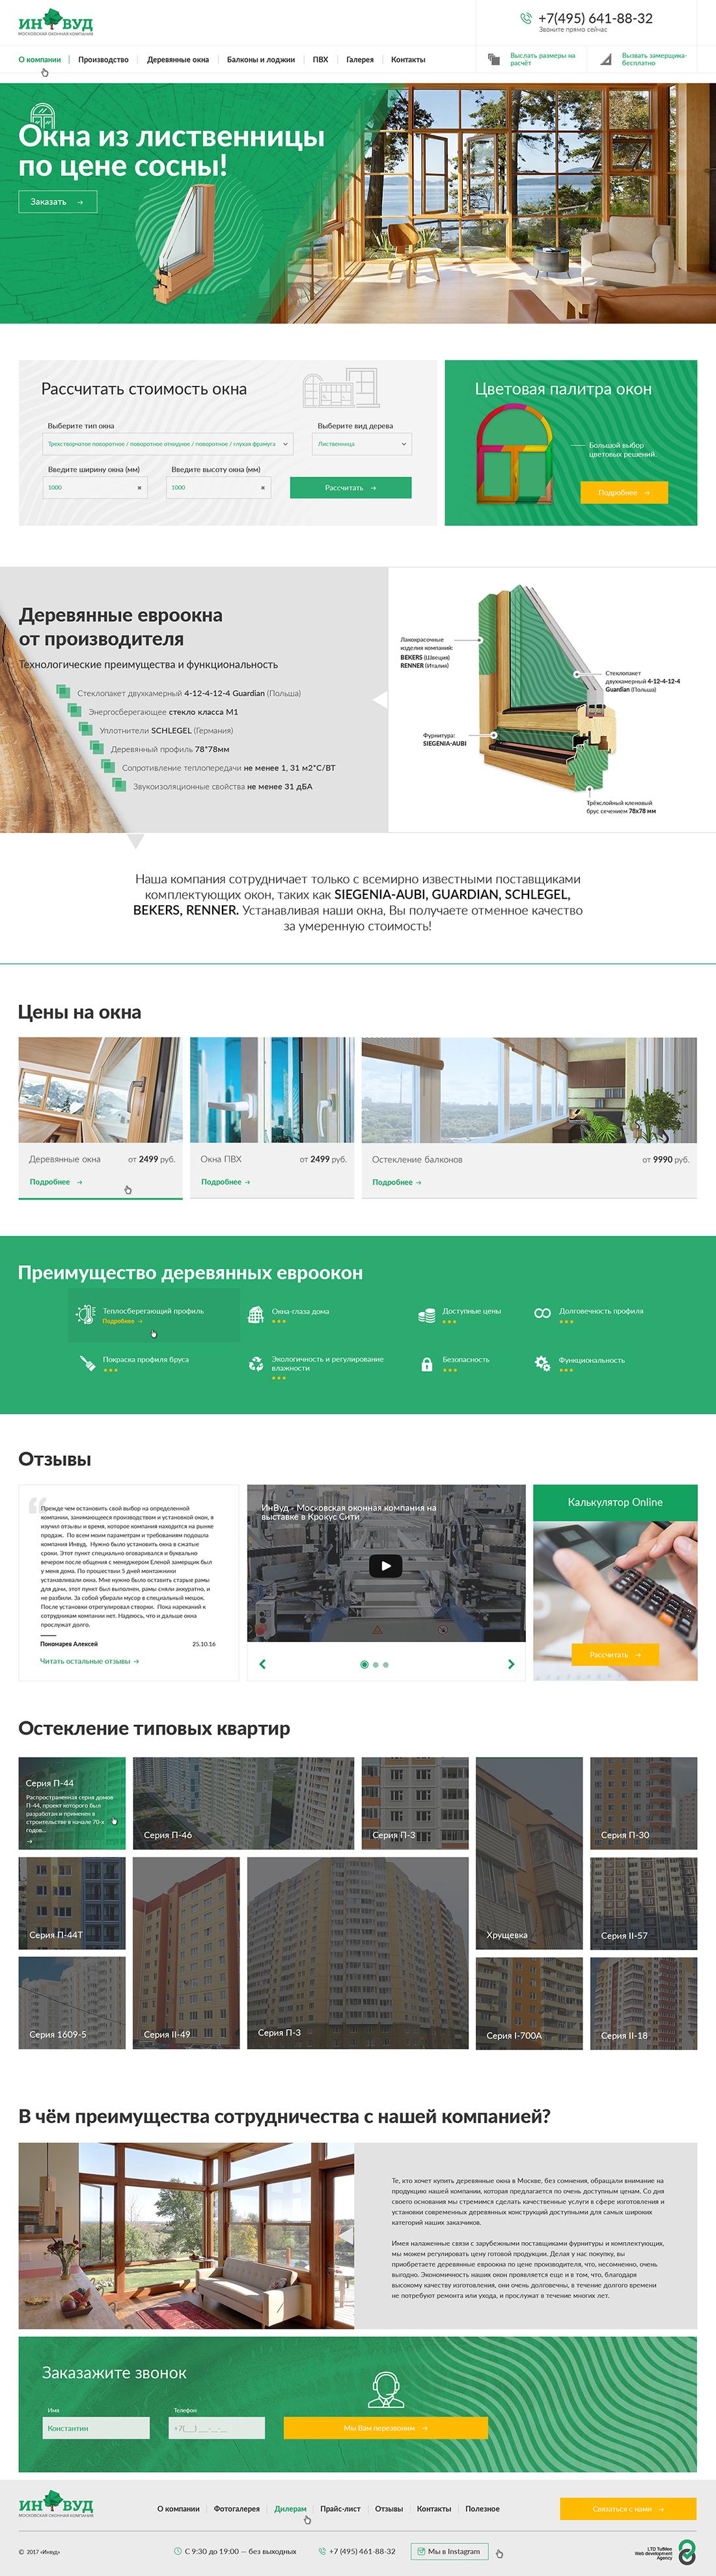 Адаптивный дизайн сайта-каталога Московской оконной компании Инвуд